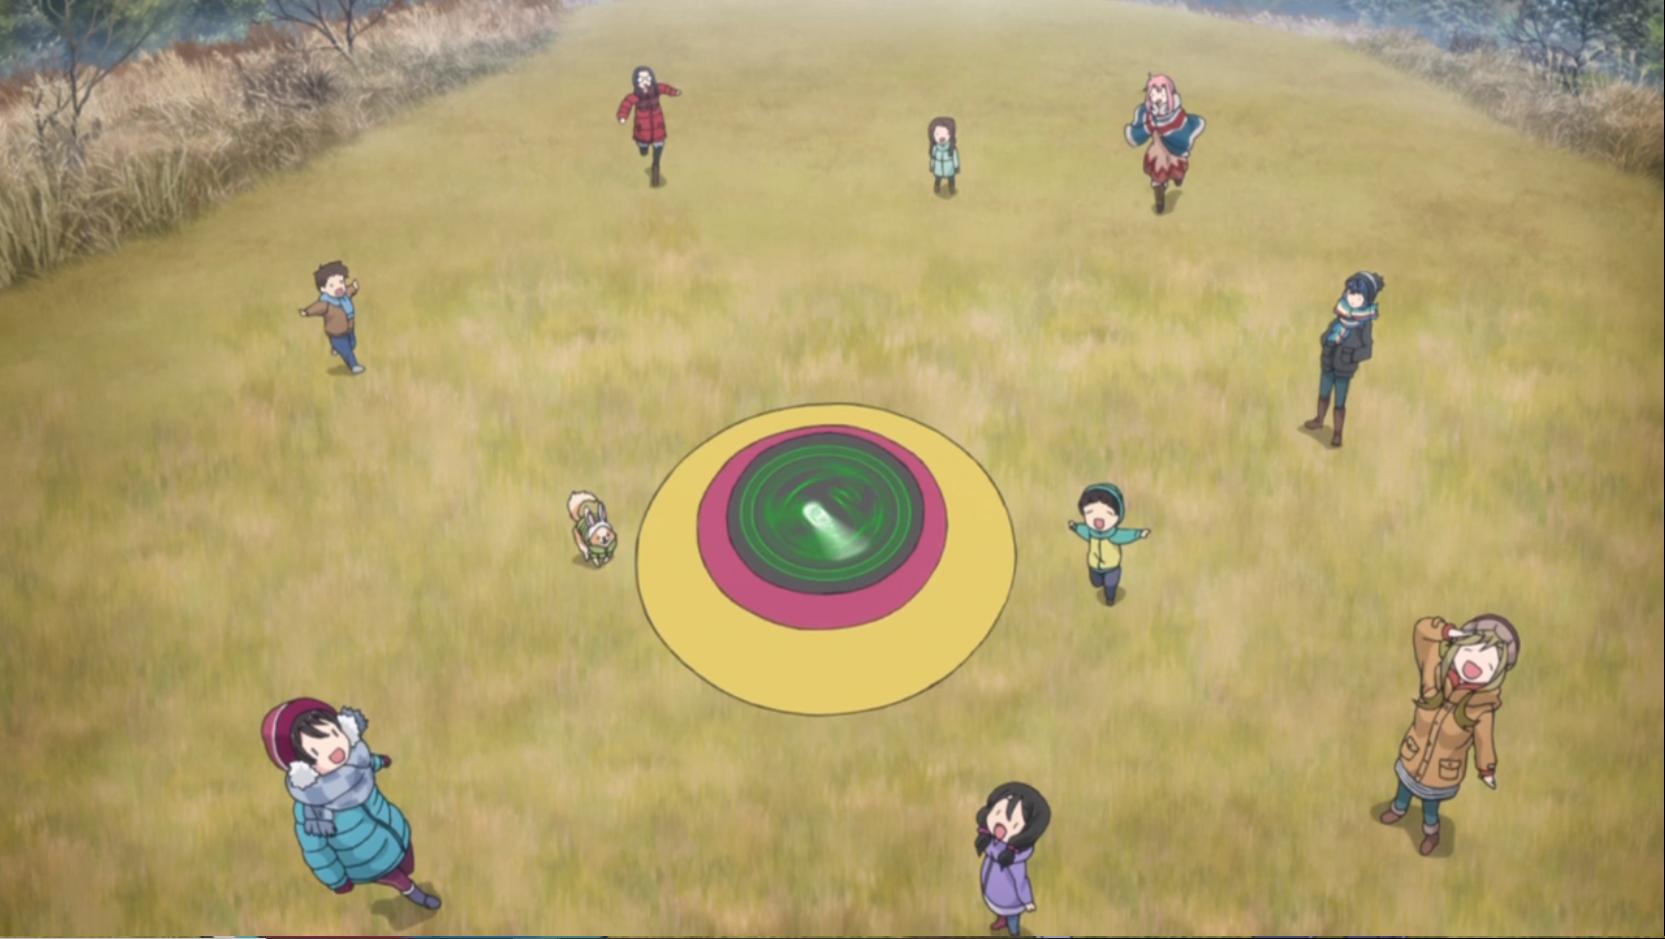 アニメ『ゆるキャン△』11話の朝霧高原でみんなで遊ぶ